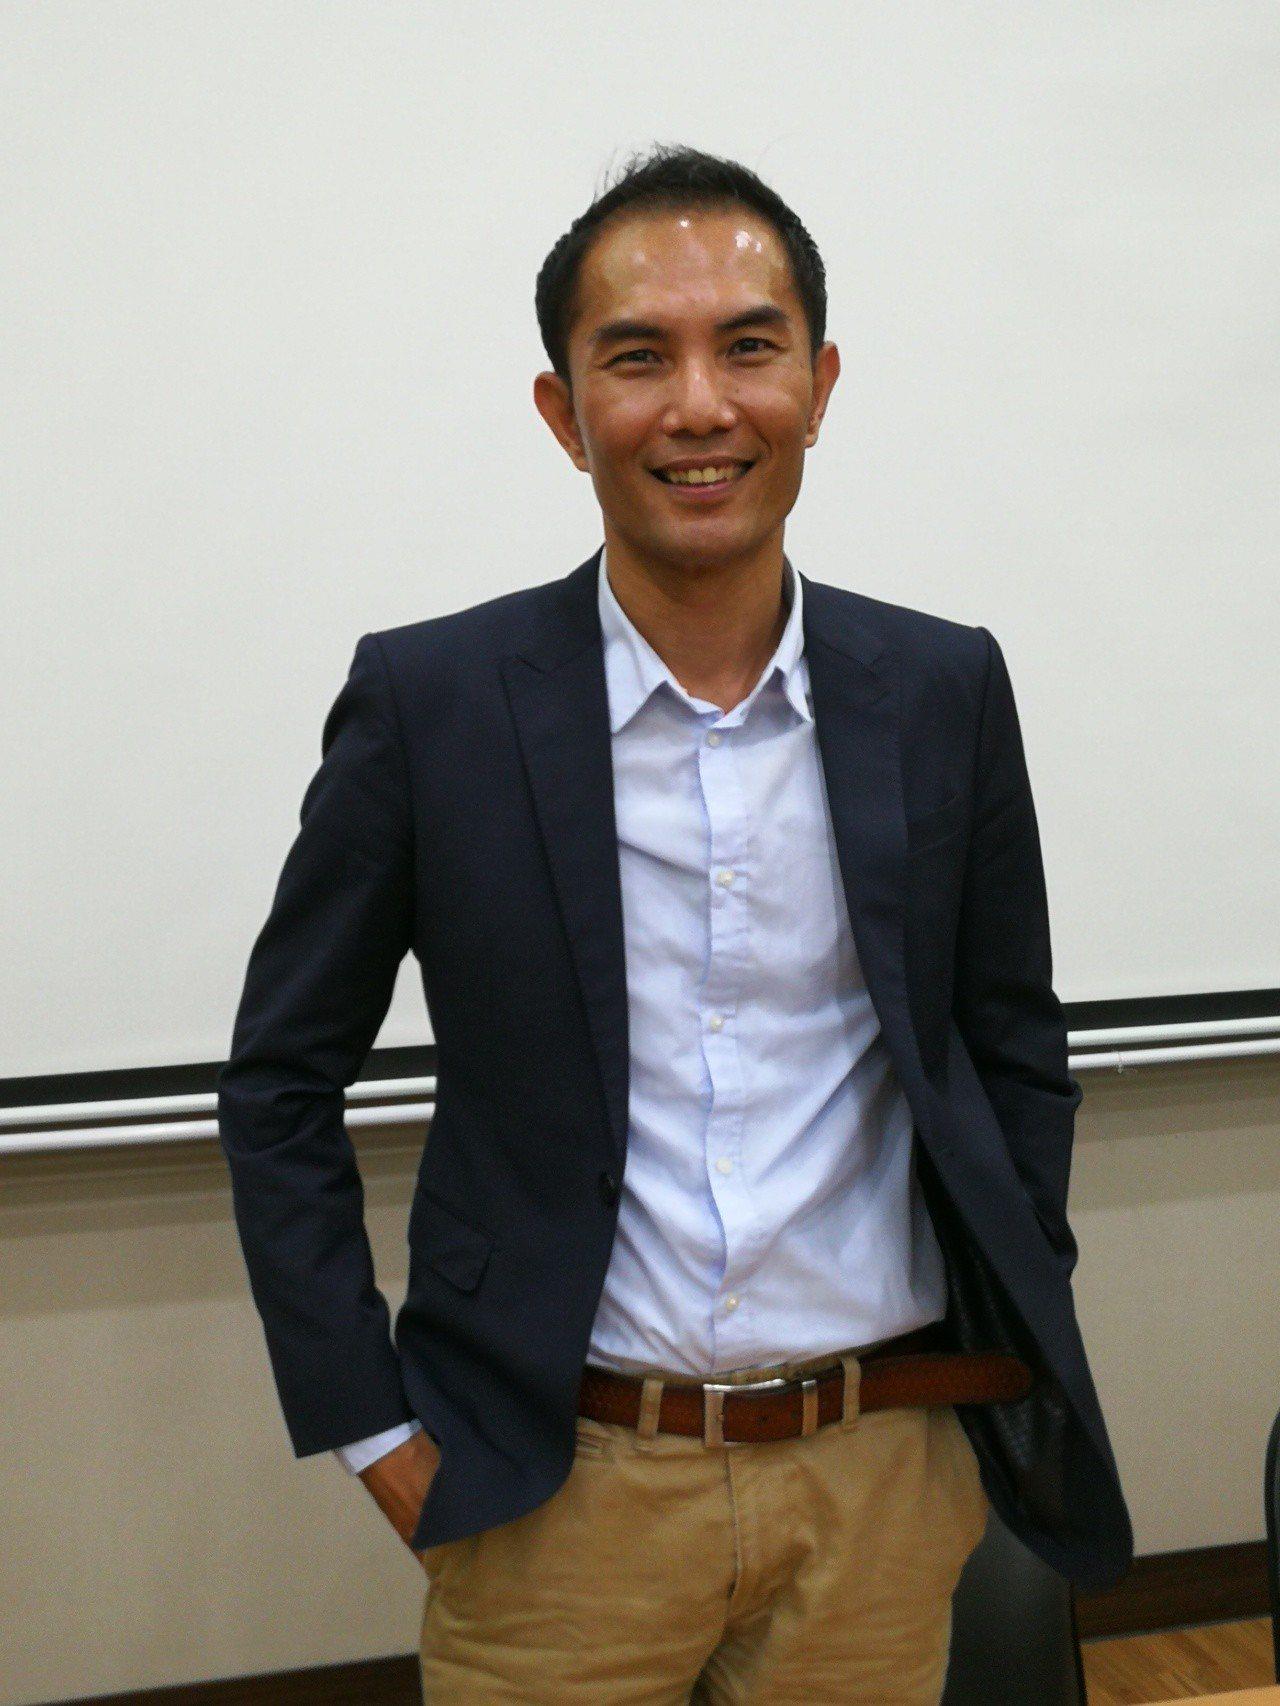 即將上任的屏東縣政府文化處處長吳明榮。記者蔣繼平/翻攝